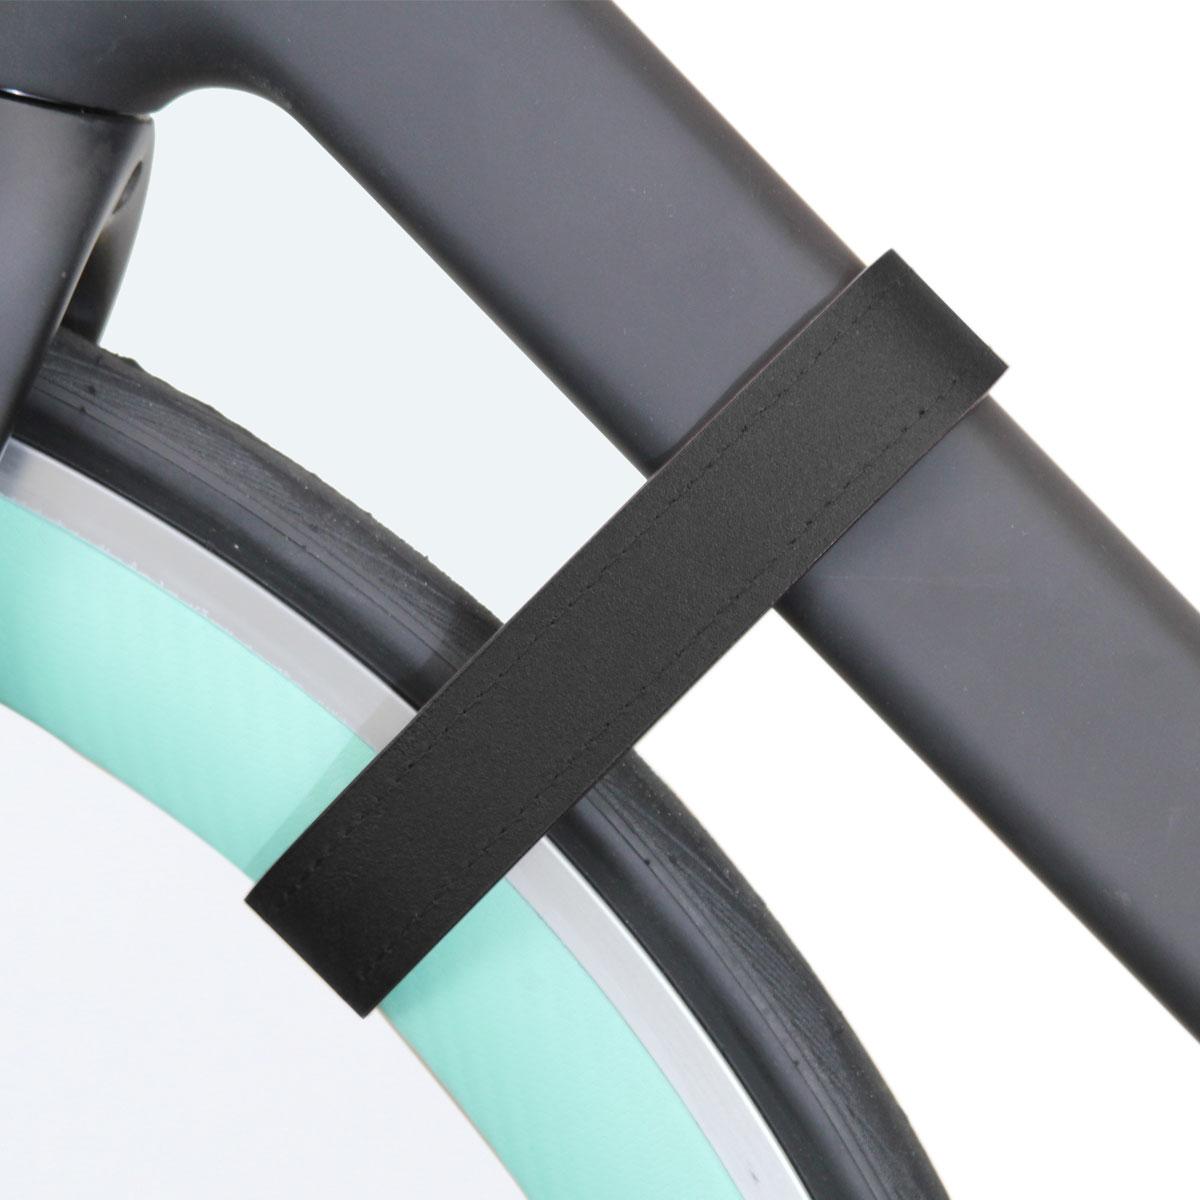 Lederband zur Fixierung des Vorderrads am Unterrohr – Bild 5